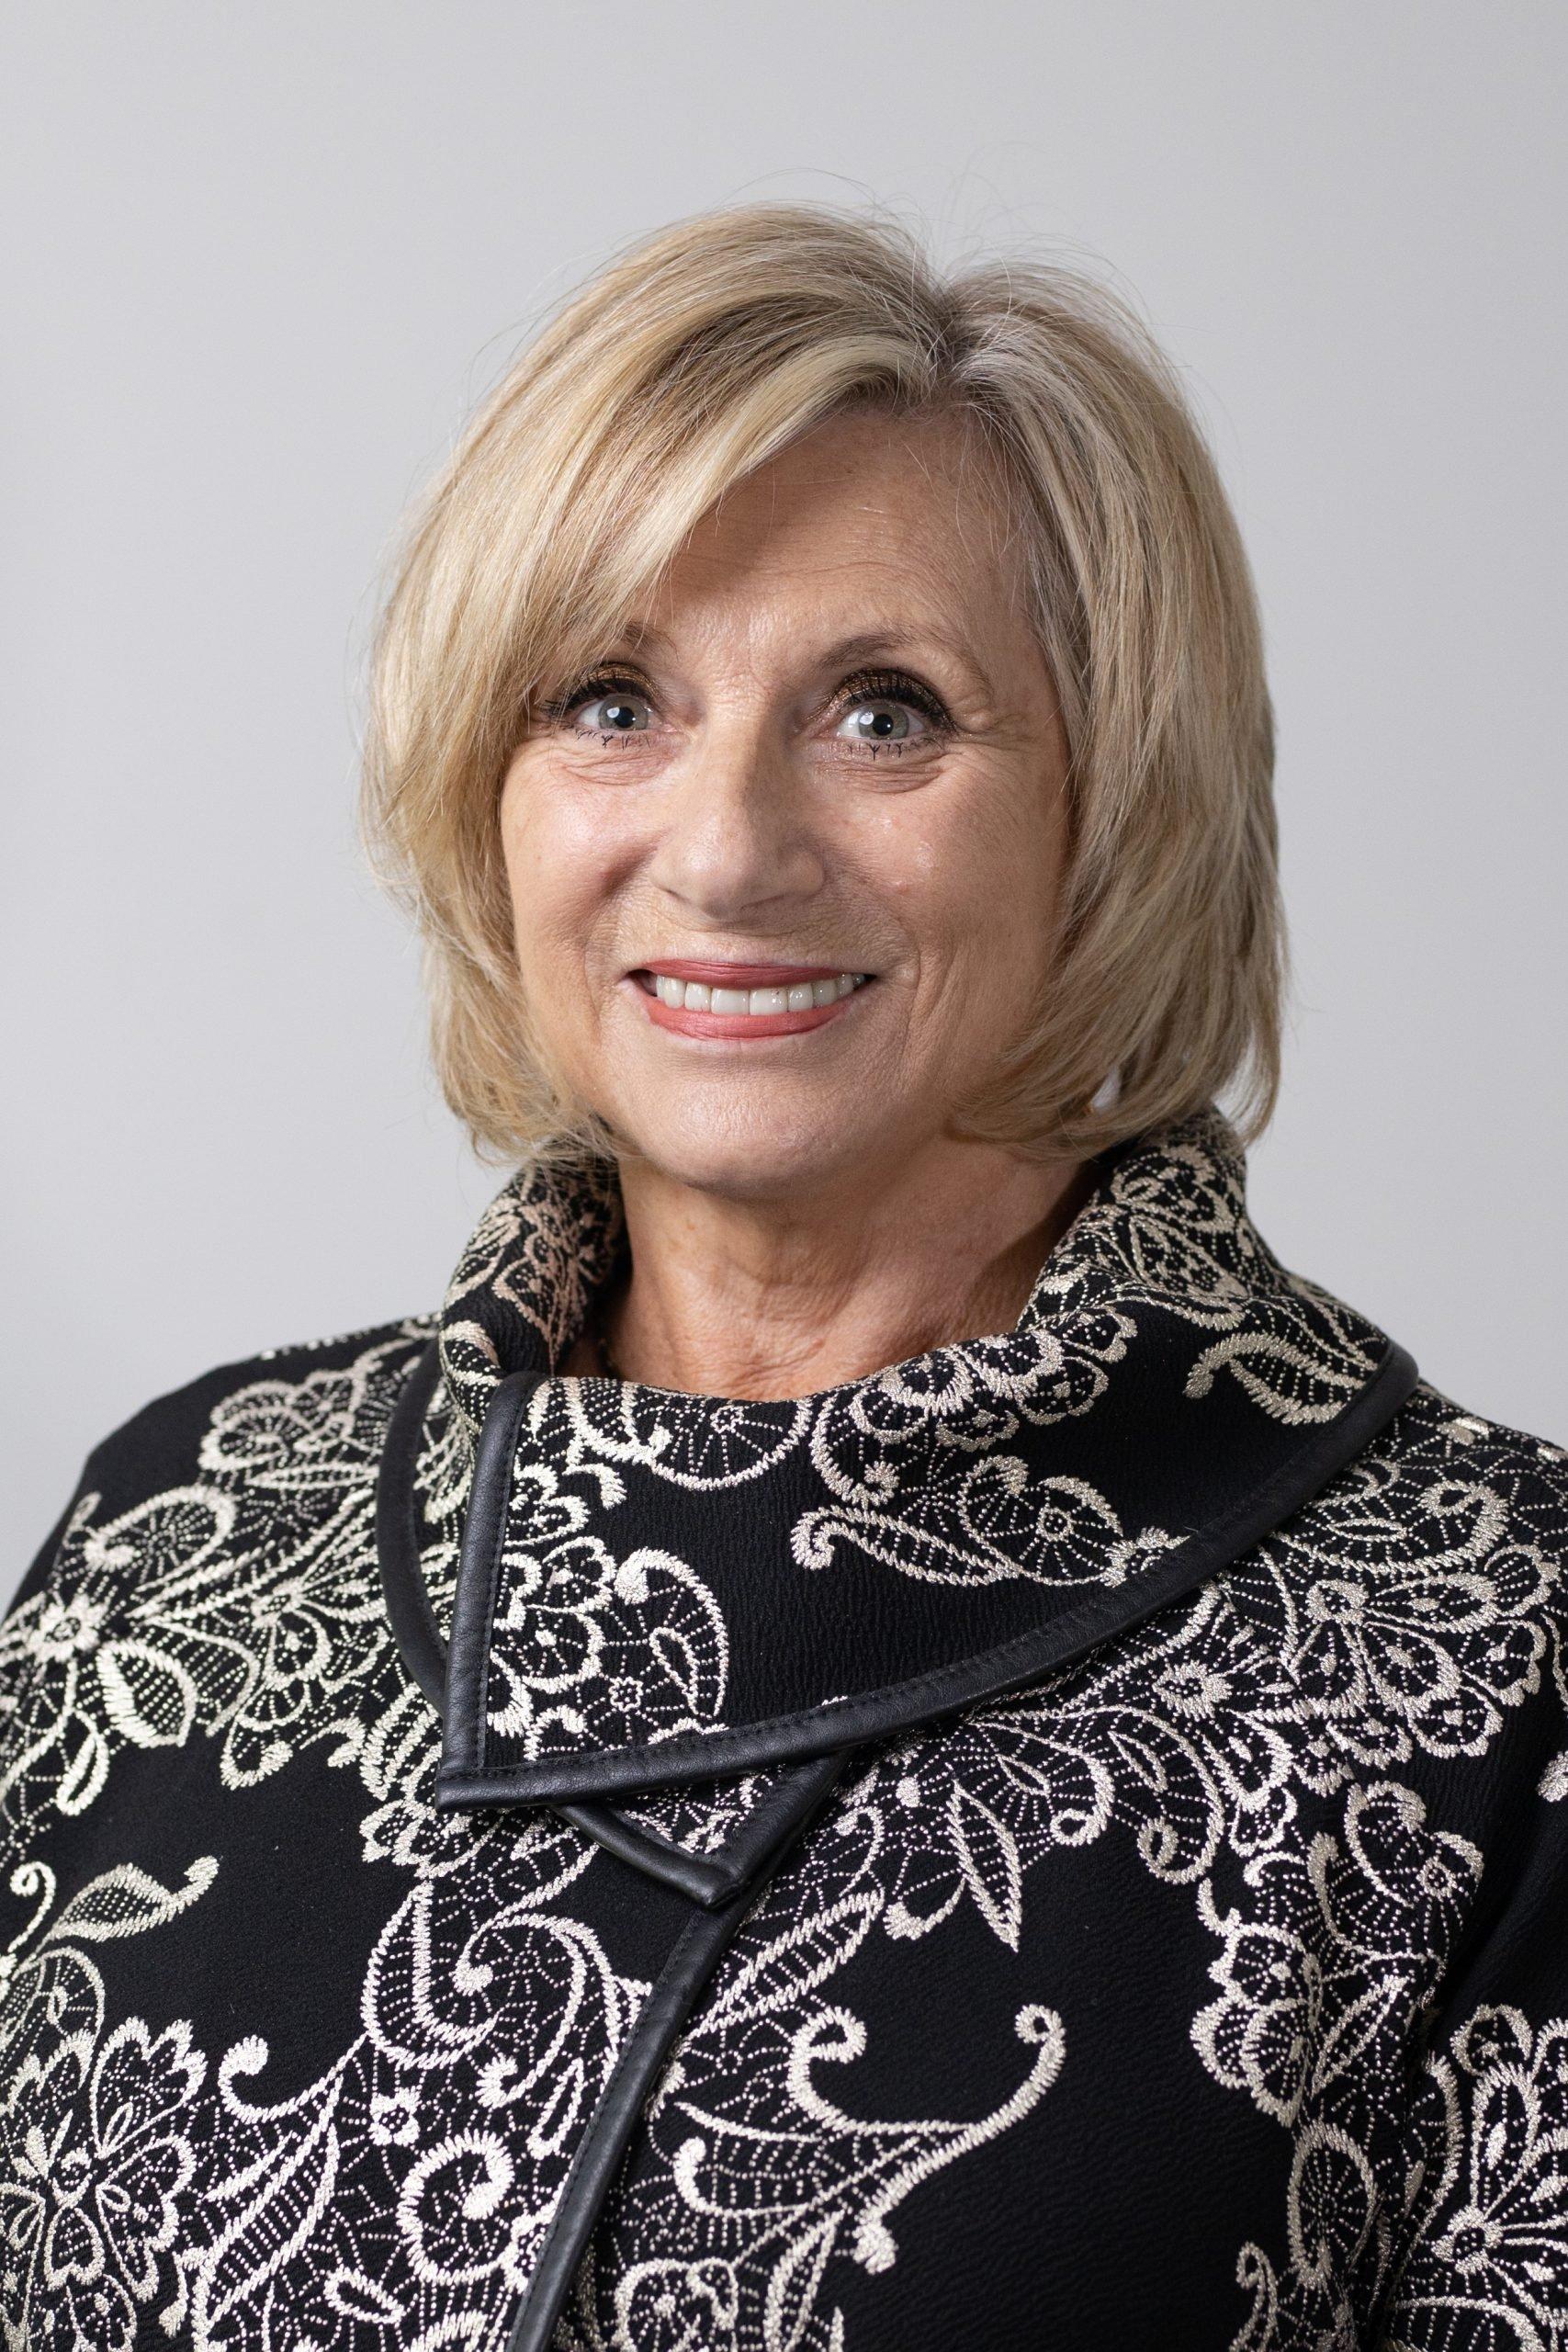 Robyn McLeod